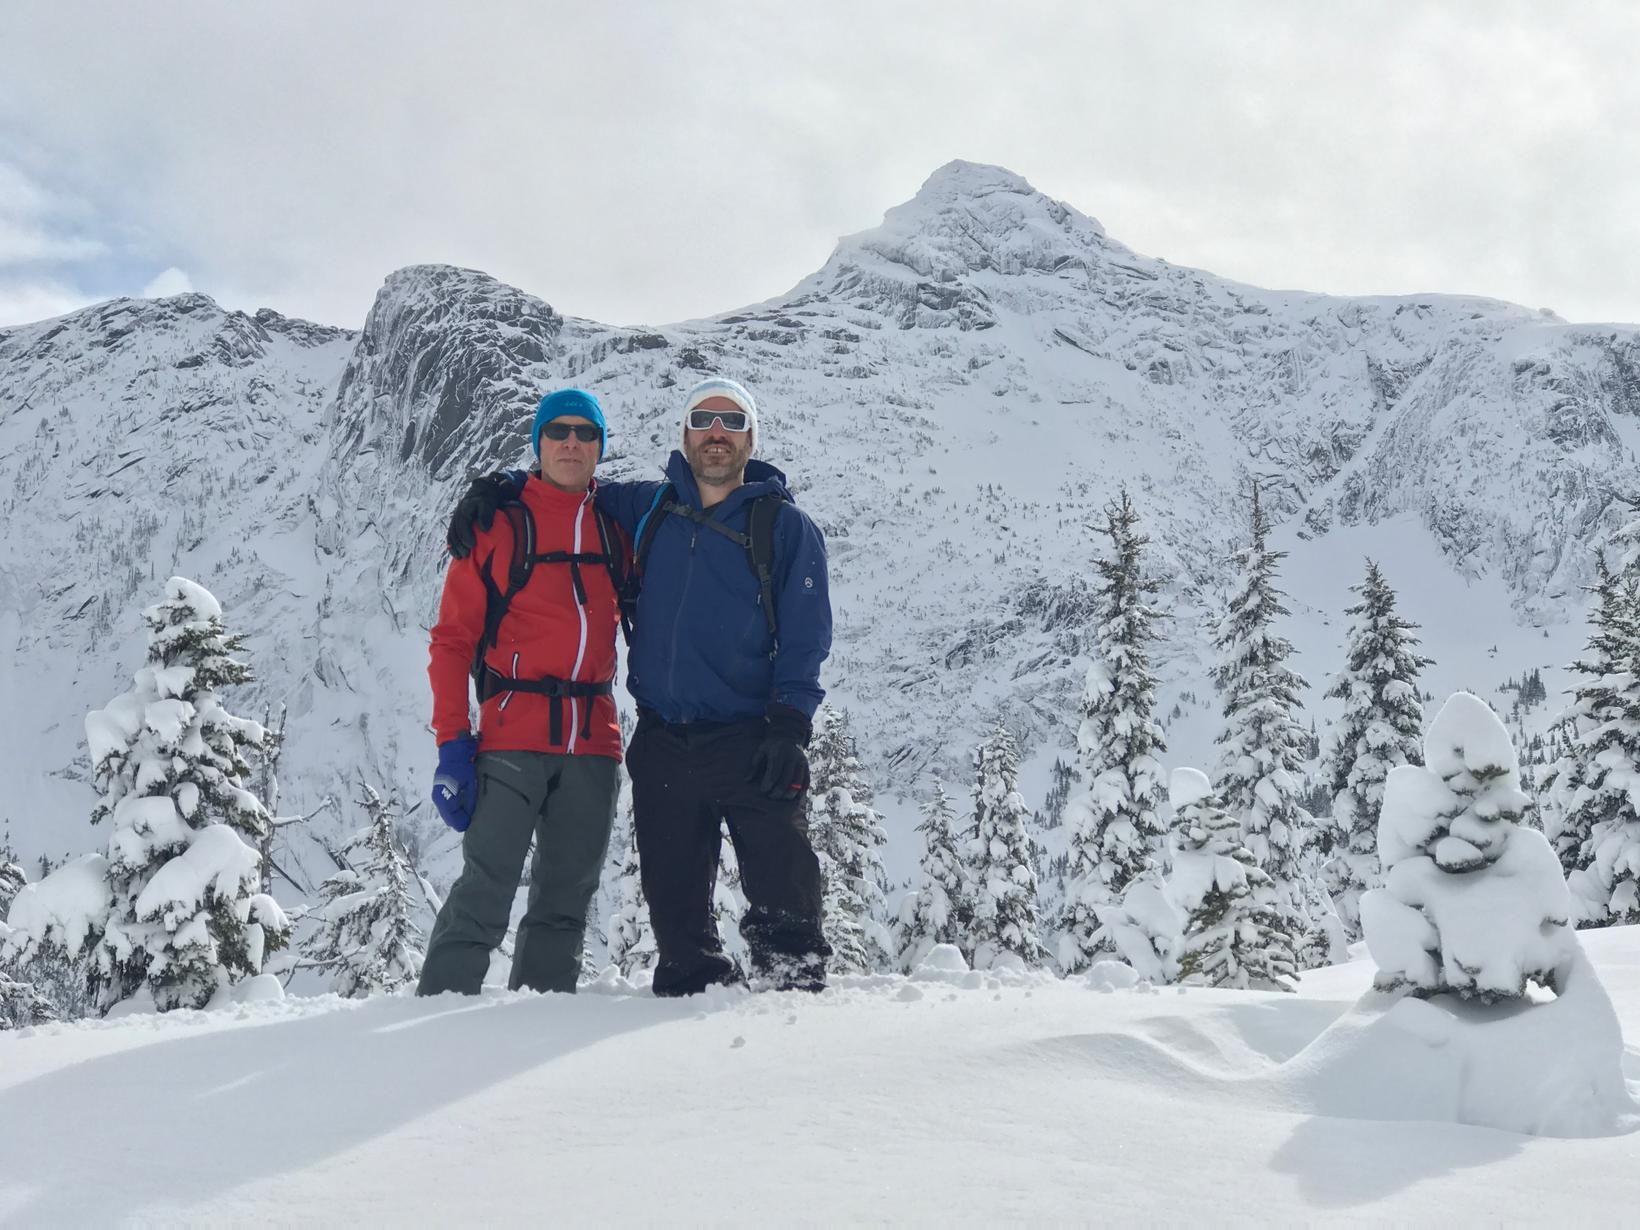 Scott & Karen from Saskatoon, Saskatchewan, Canada